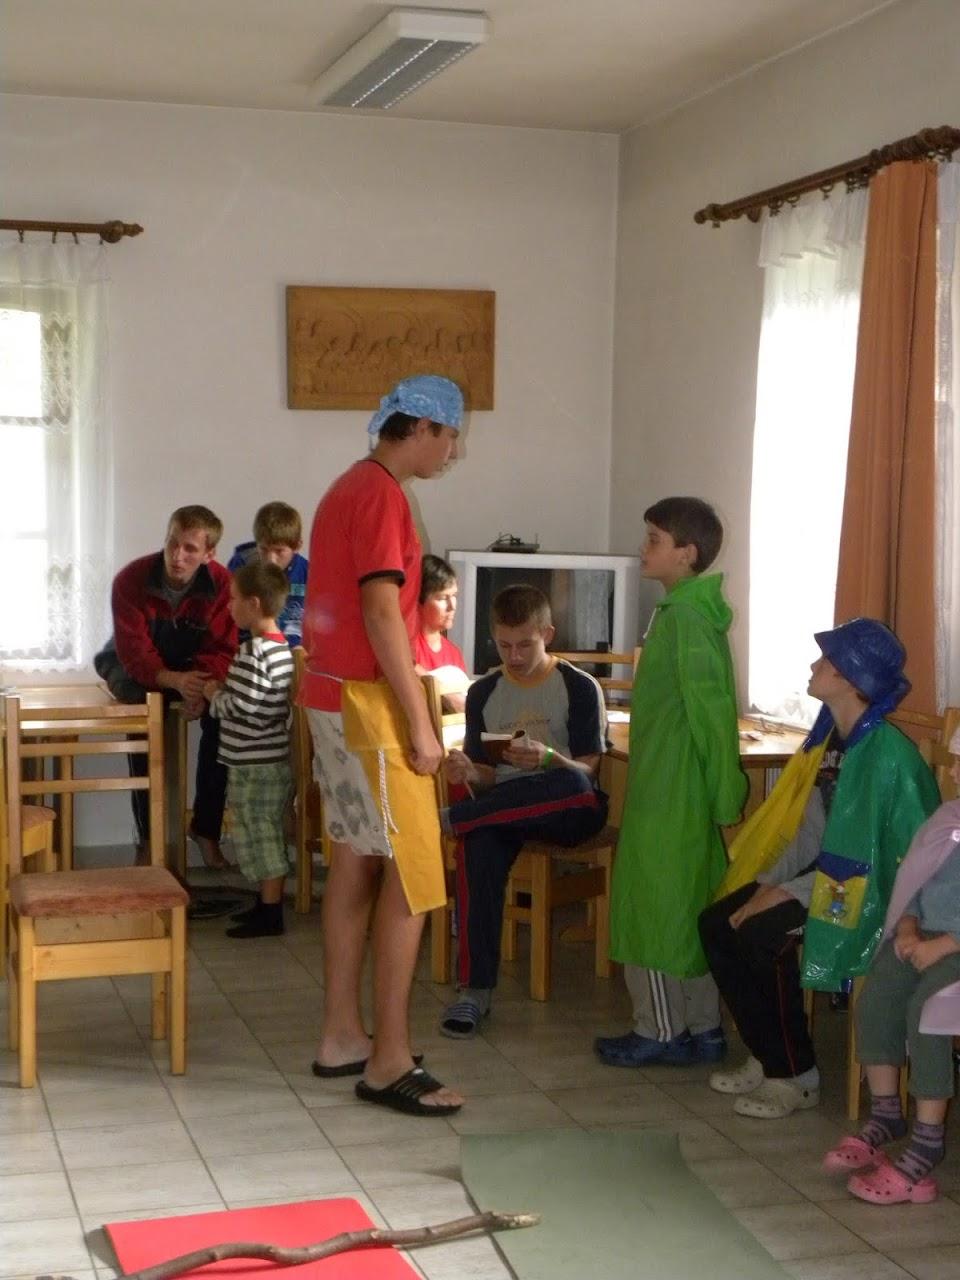 Tábor - Veľké Karlovice - fotka 432.JPG